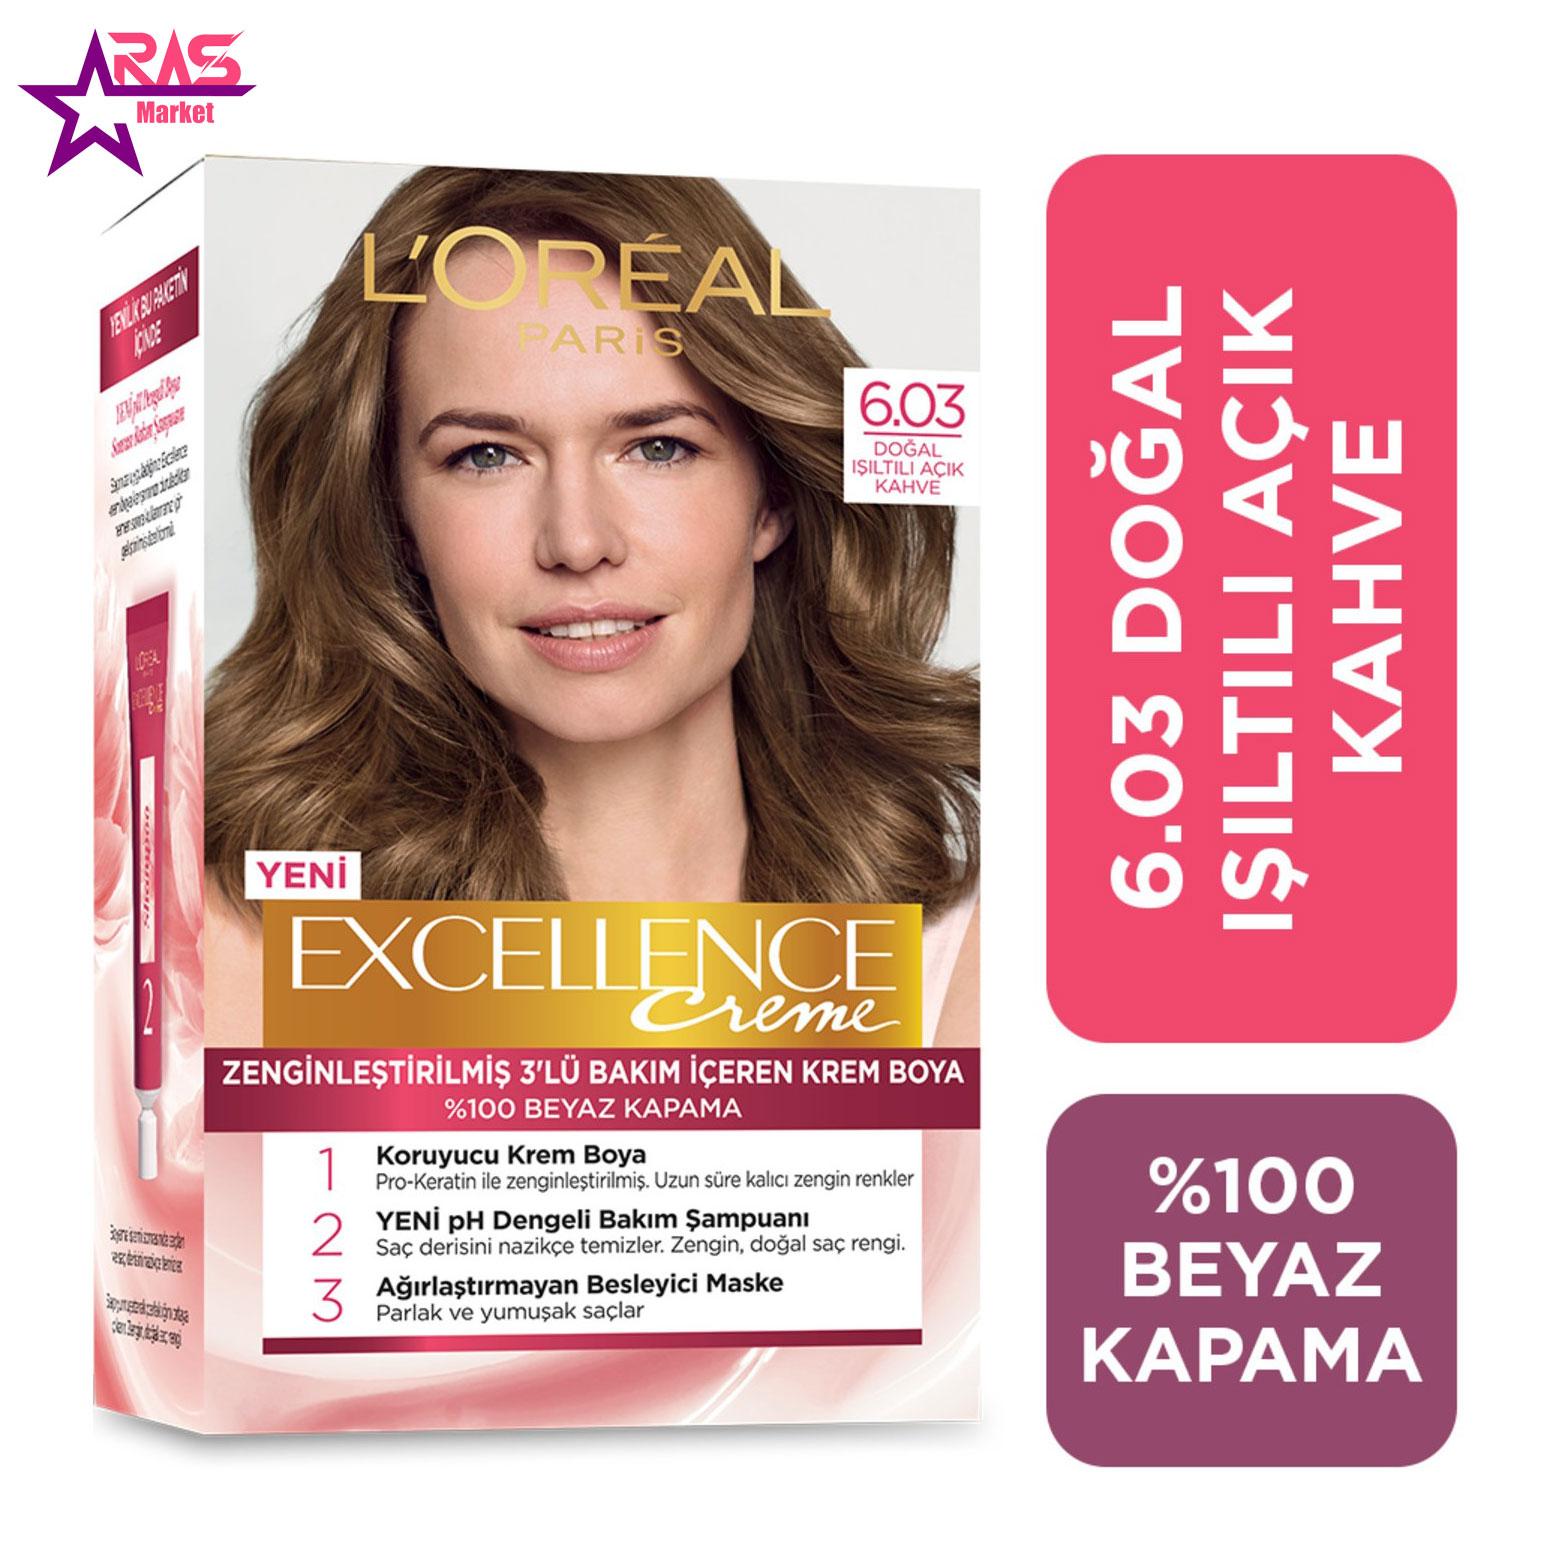 کیت رنگ مو لورآل سری Excellence شماره 6.03 ، فروشگاه اینترنتی ارس مارکت ، بهداشت بانوان